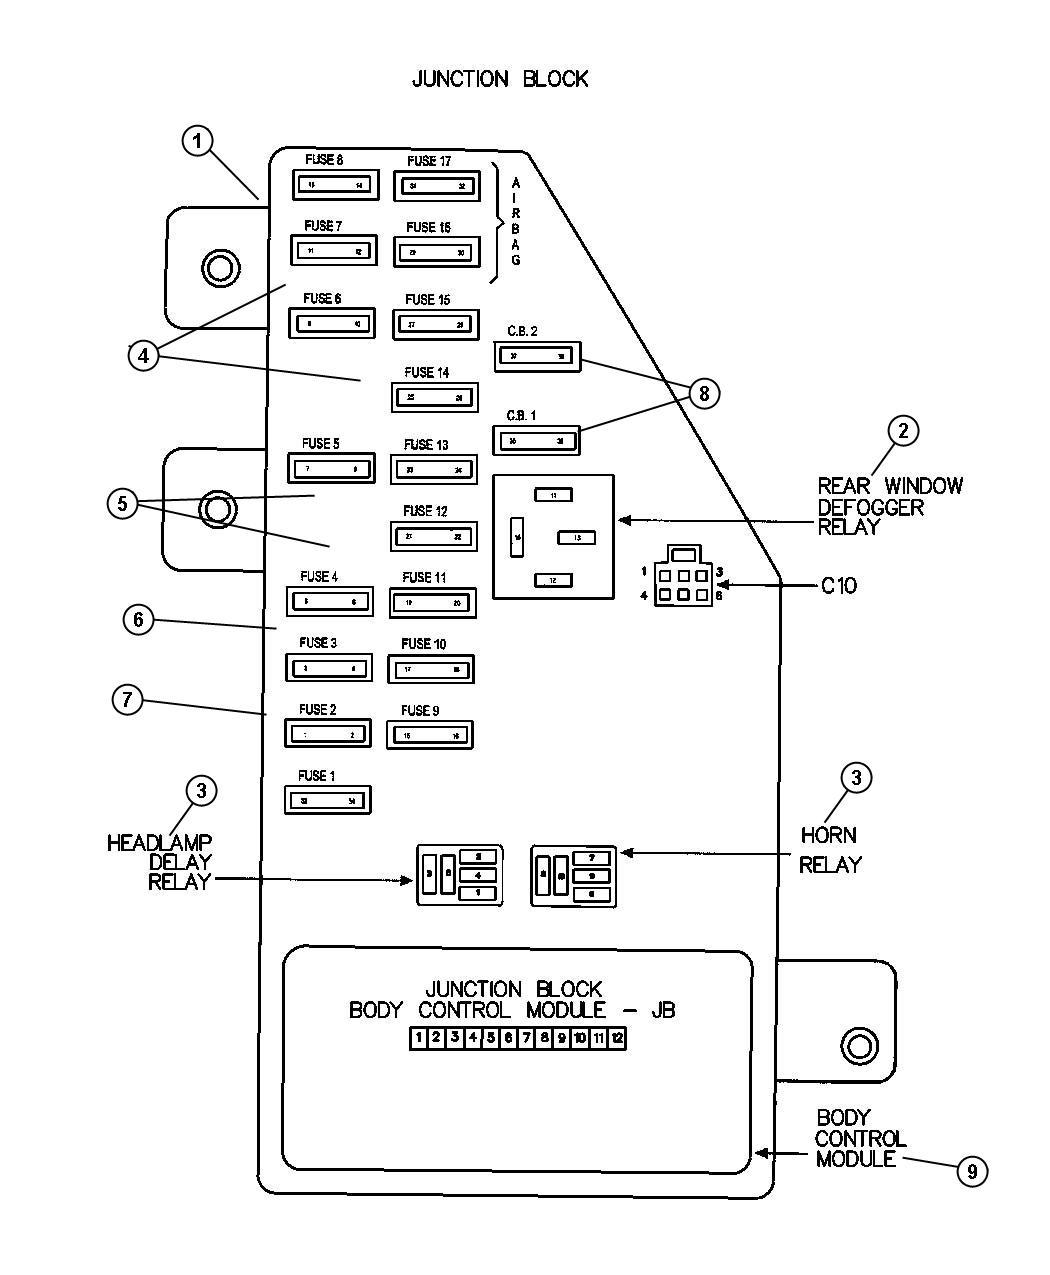 1987 chrysler fuse  ato  standard  30 amp  green  30 amp